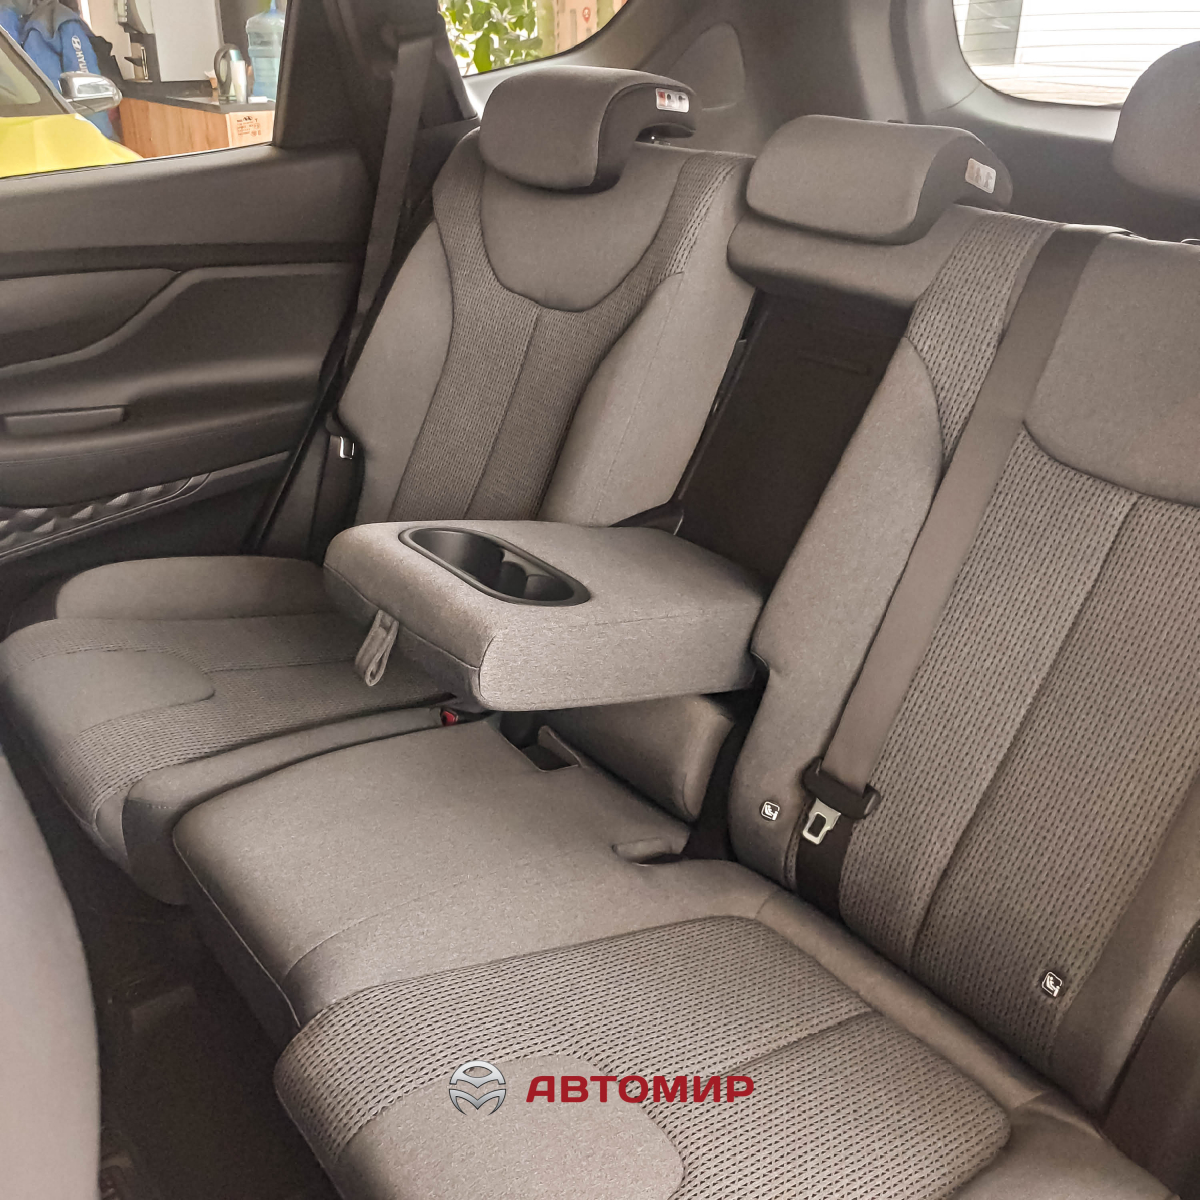 Теплі функції автомобілів Hyundai | Арія Моторс - фото 9